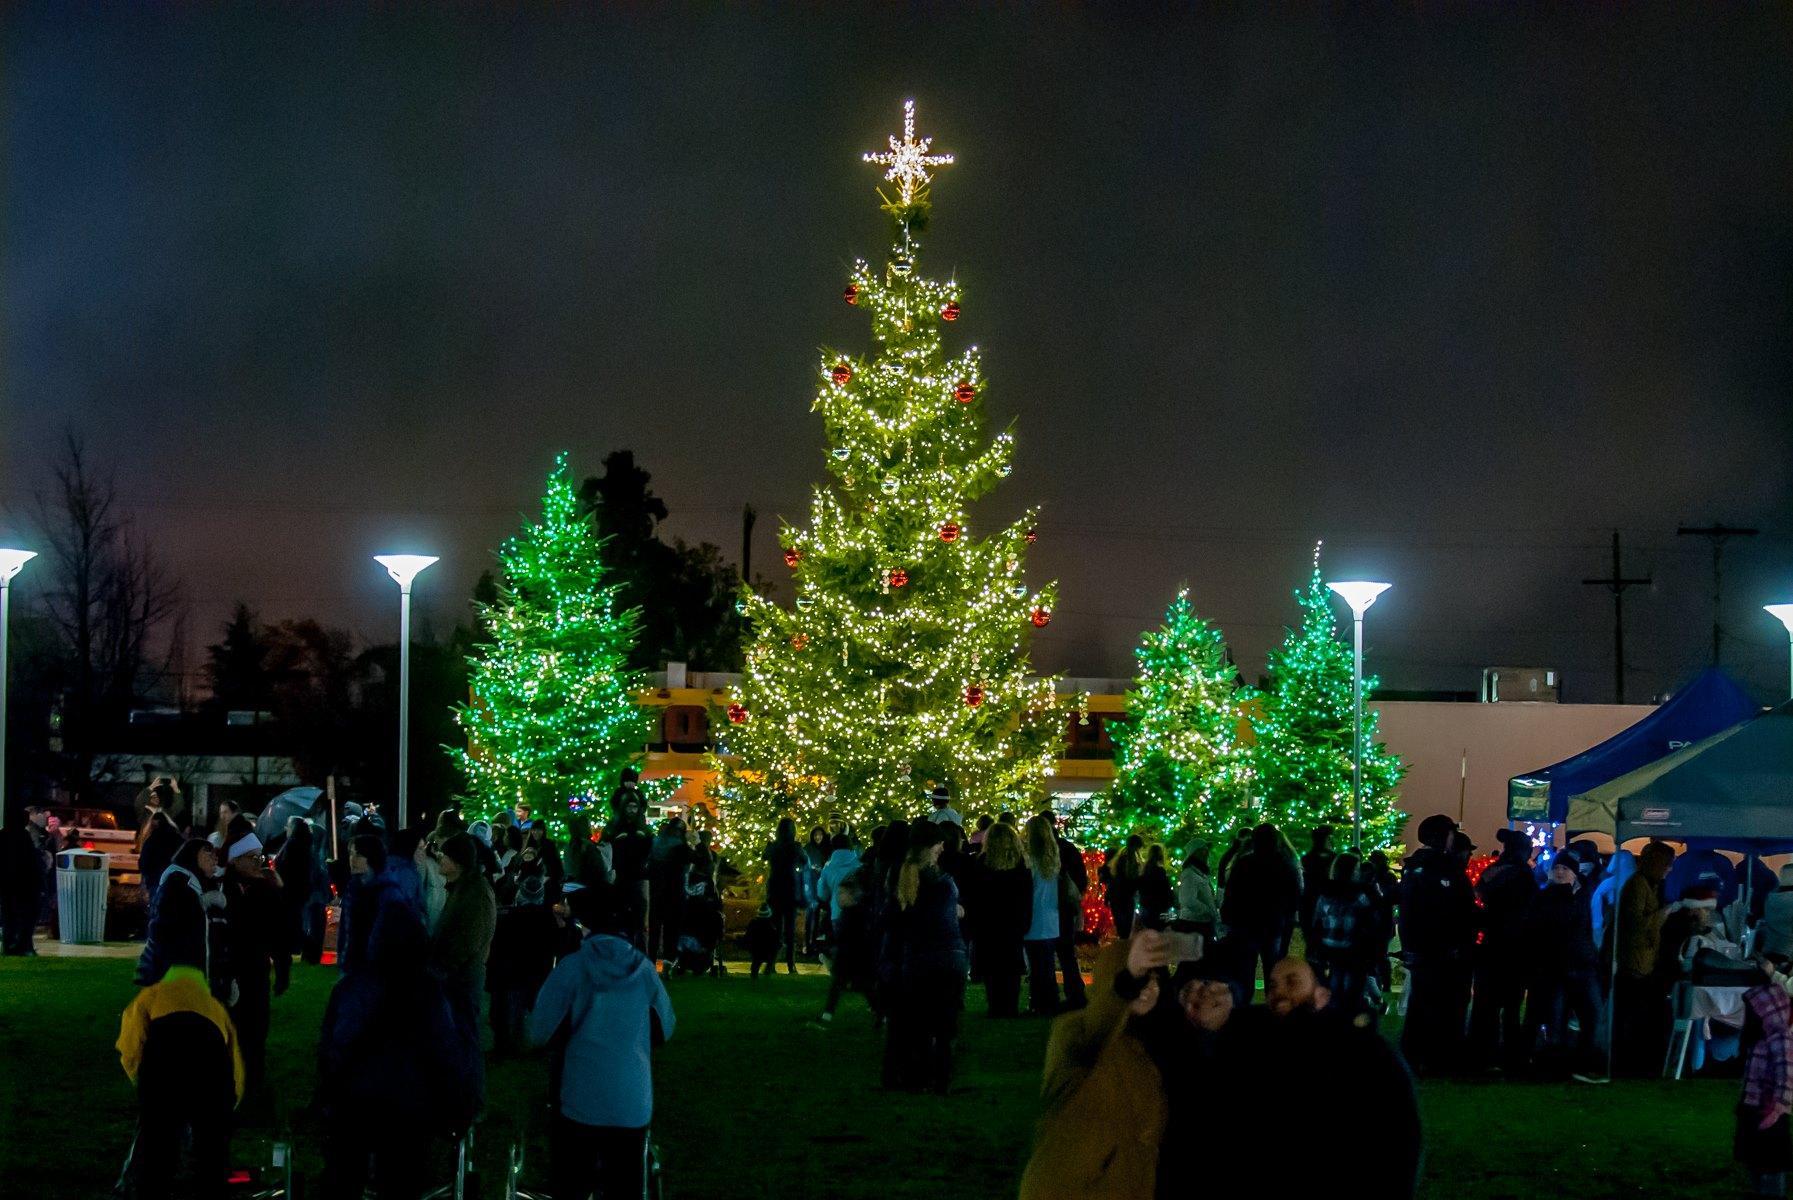 Medford Winter Lights Festival